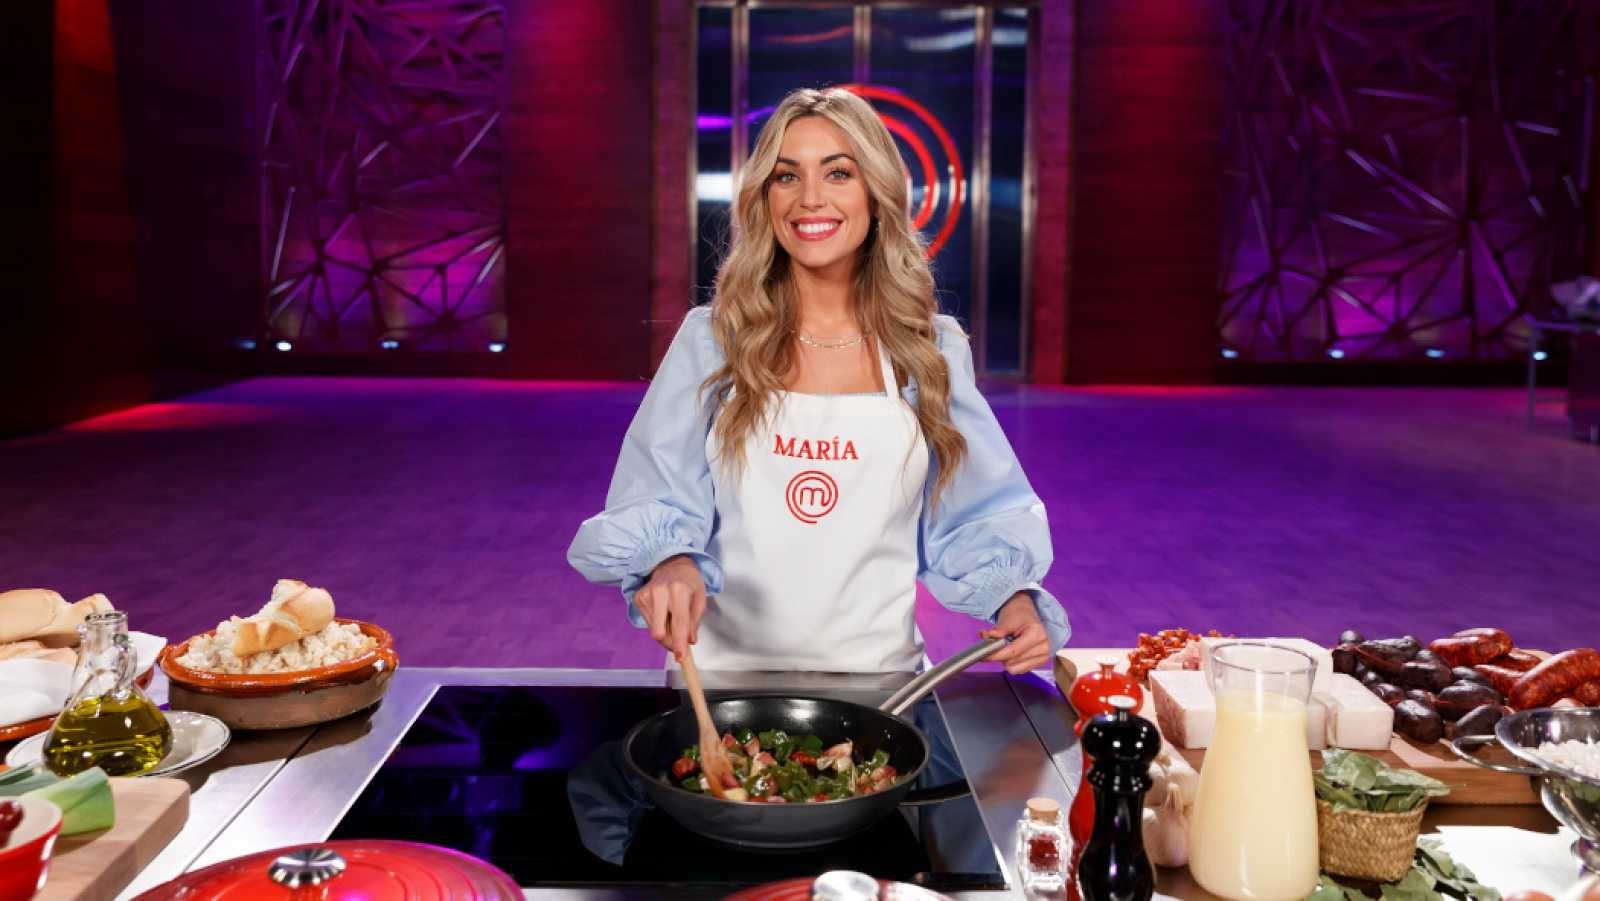 María Masterchef